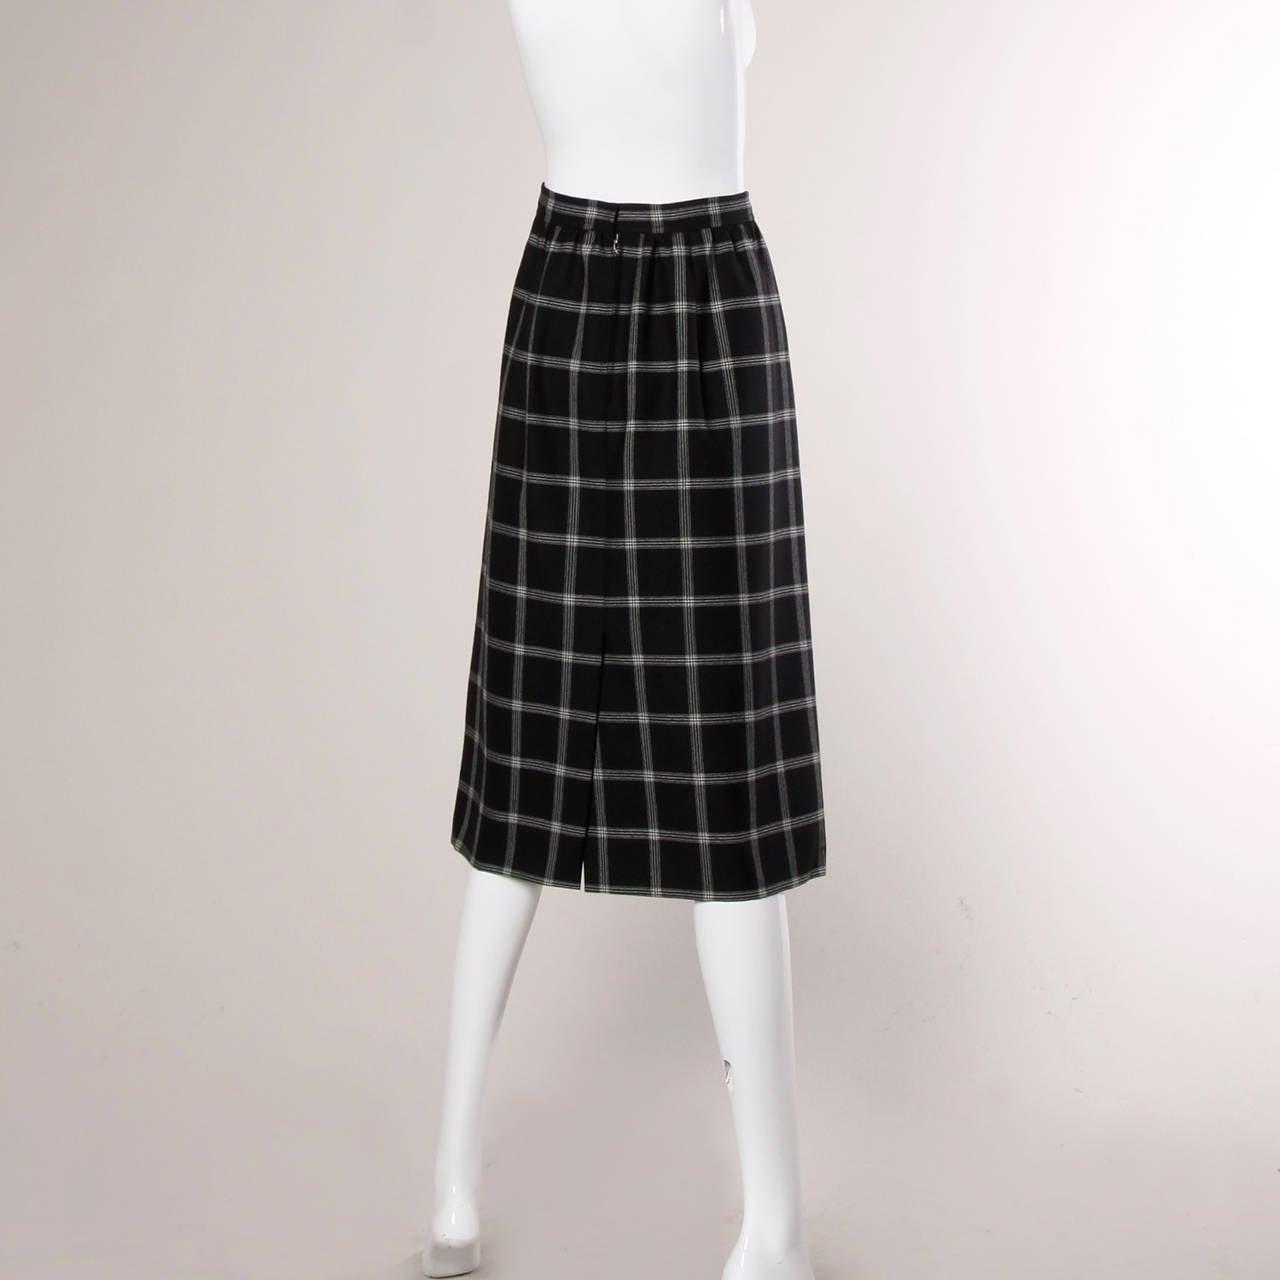 Koos Van Der Akker Vintage Black + White Plaid Wool Skirt 4